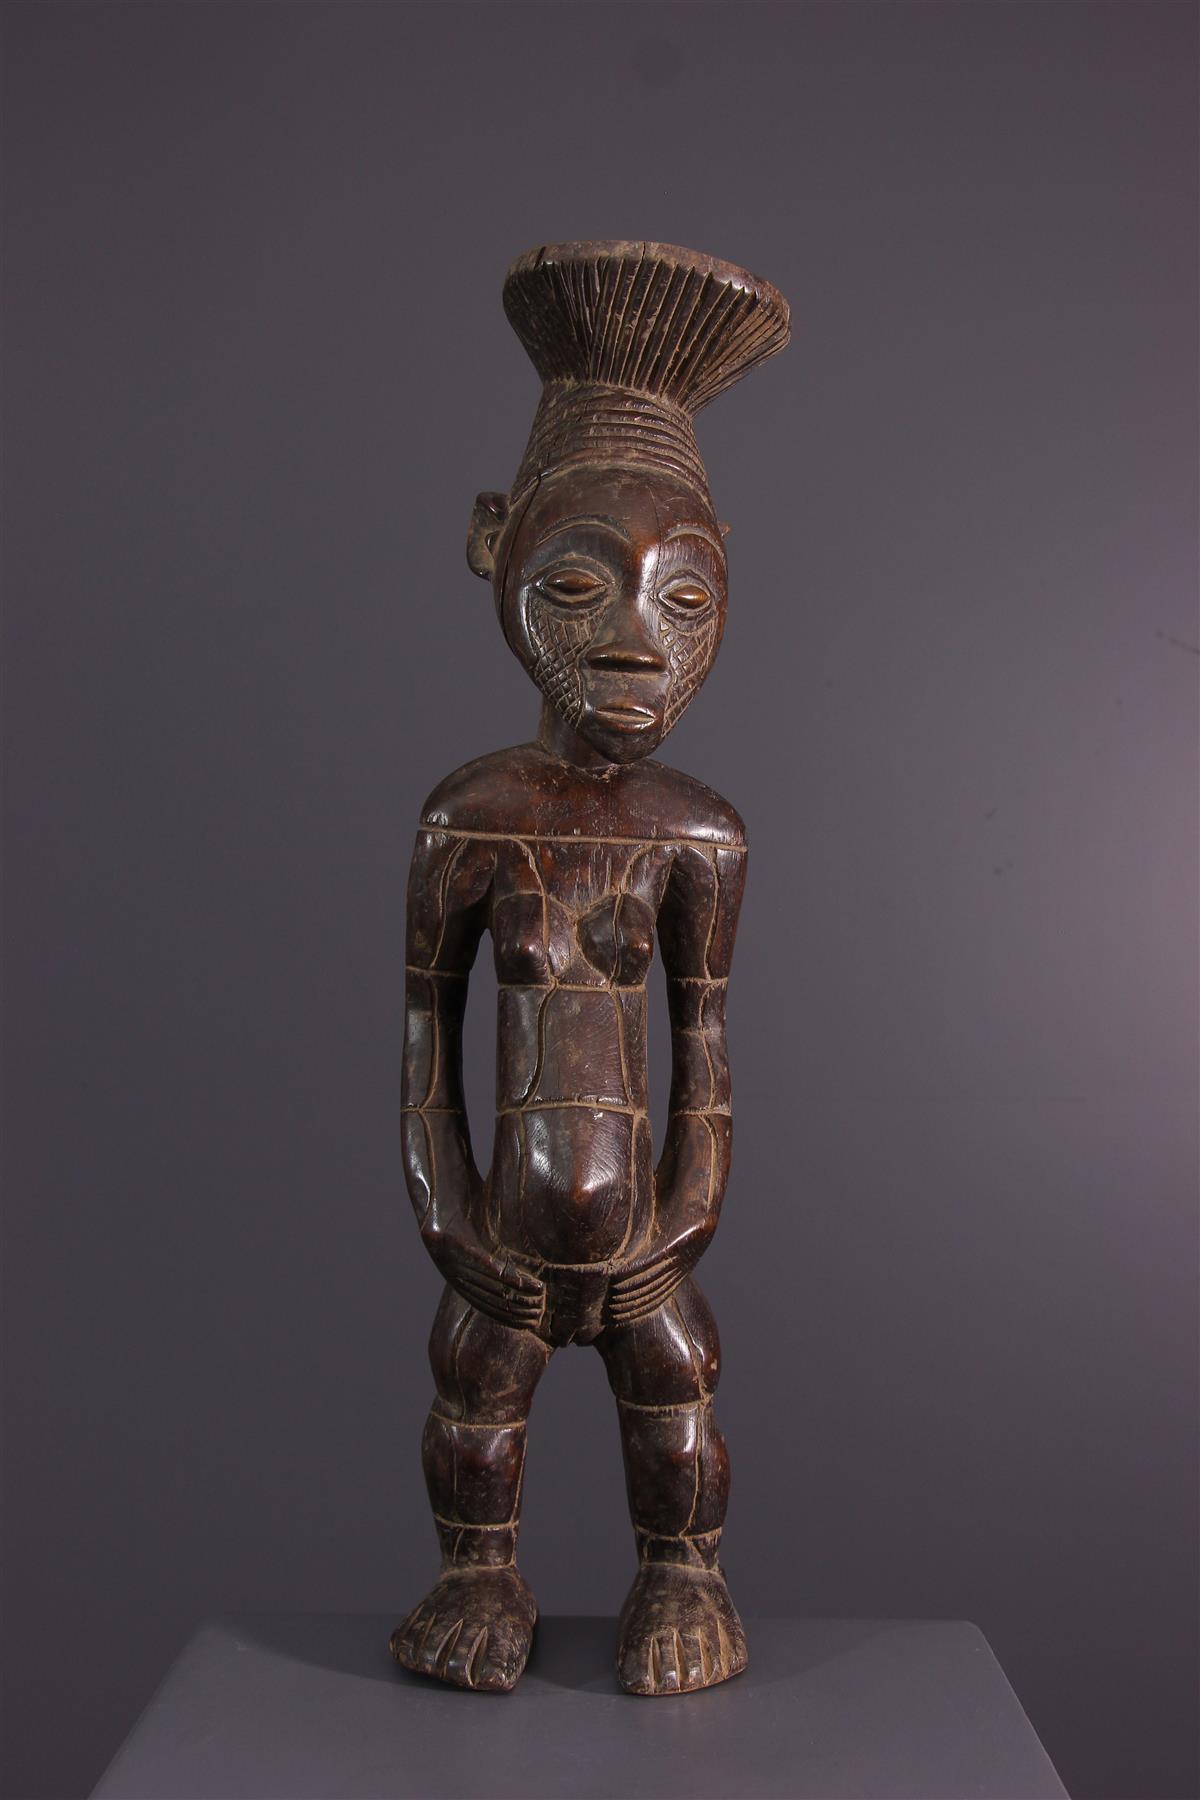 Standbeeld Mangbetu - Afrikaanse kunst